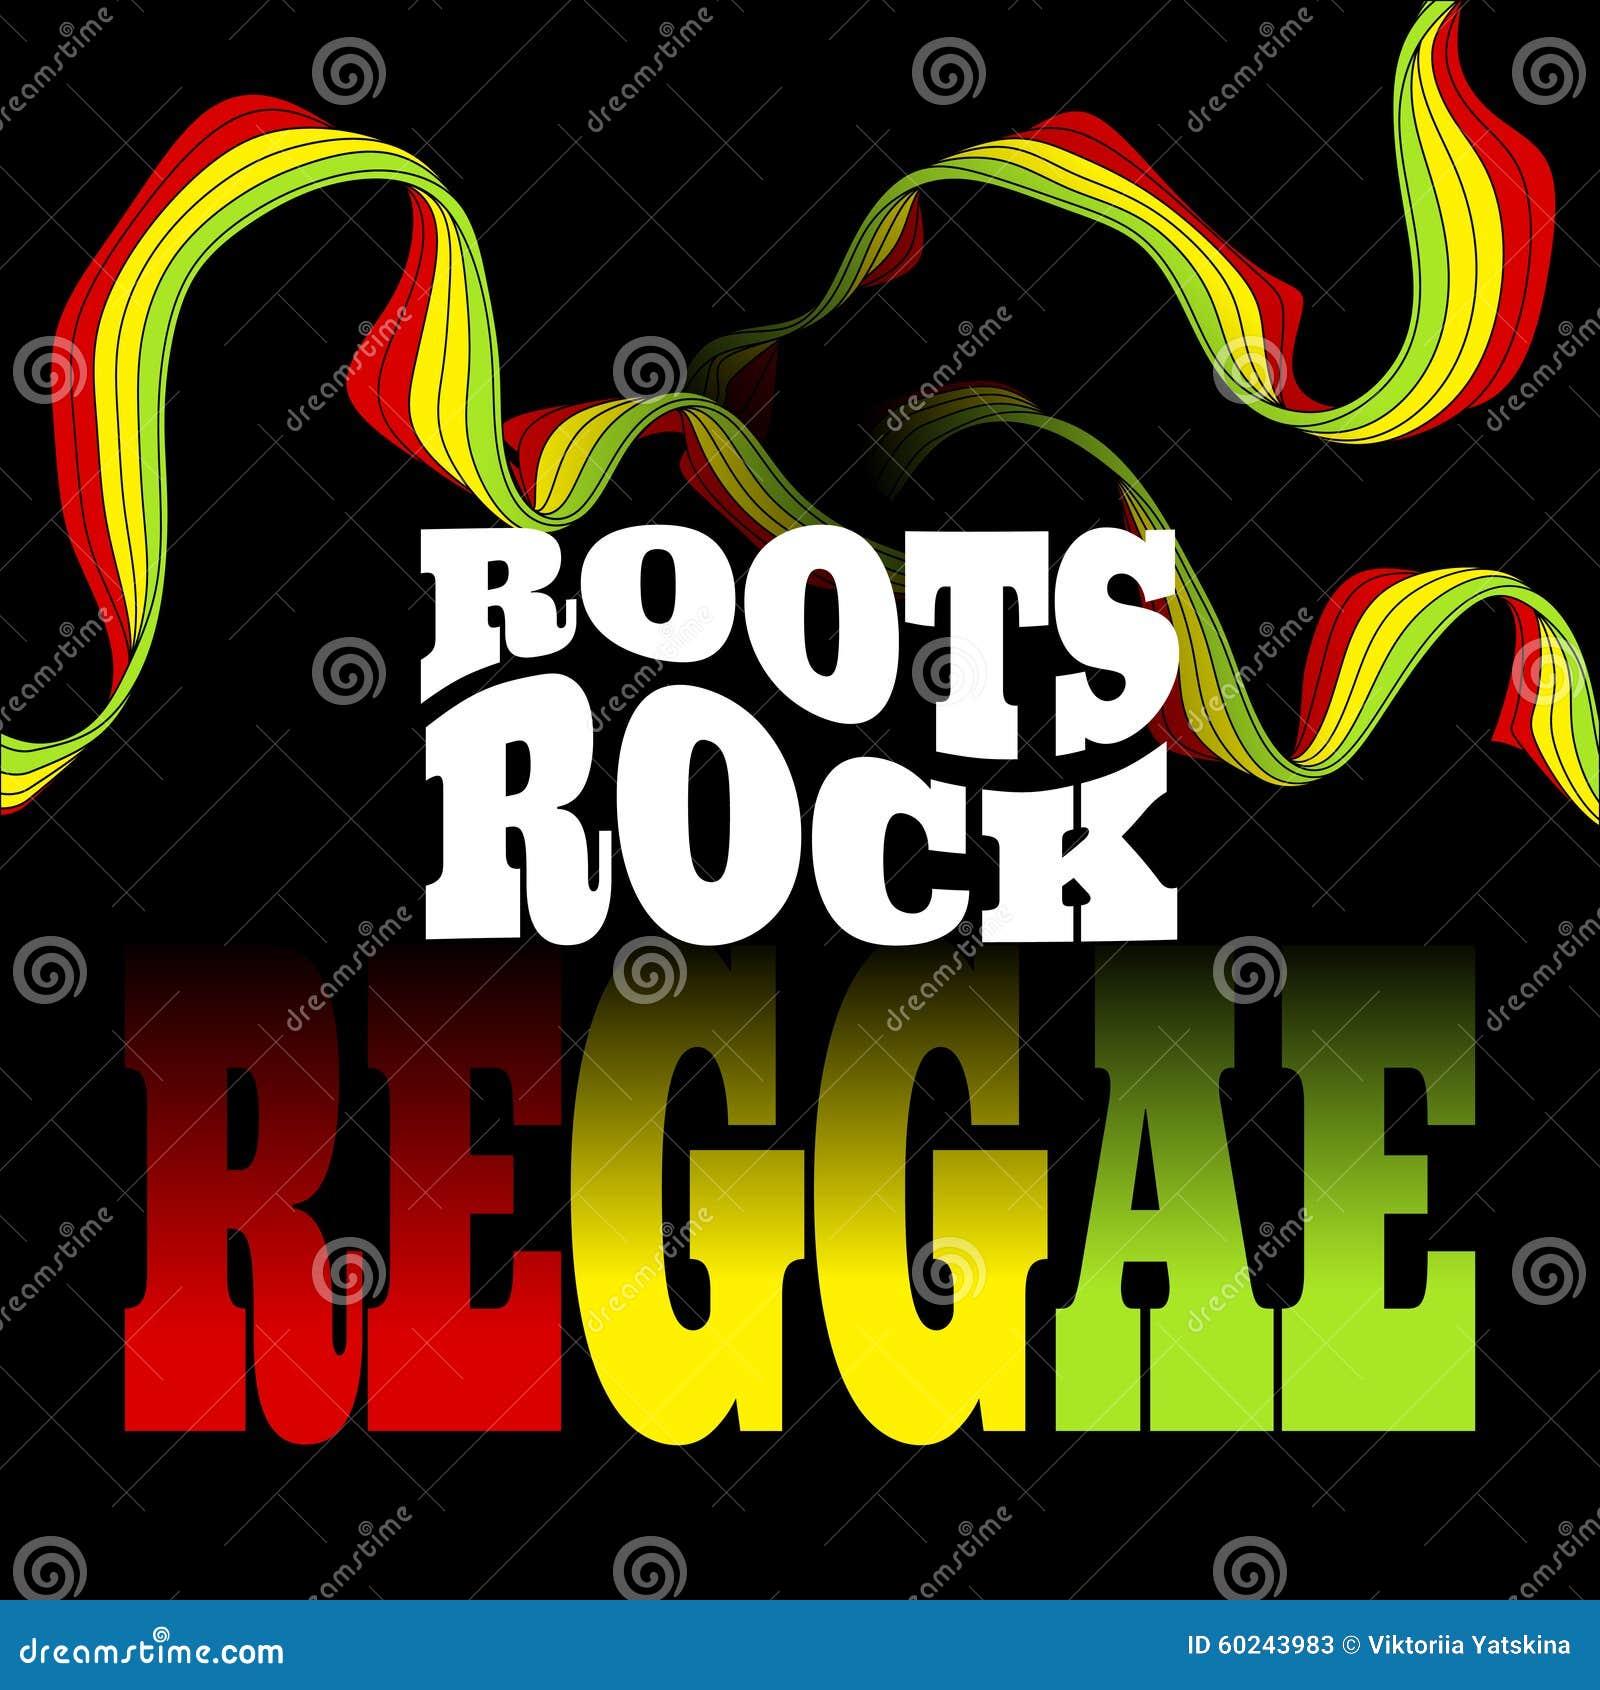 Roots Rock Reggae music design. Vector